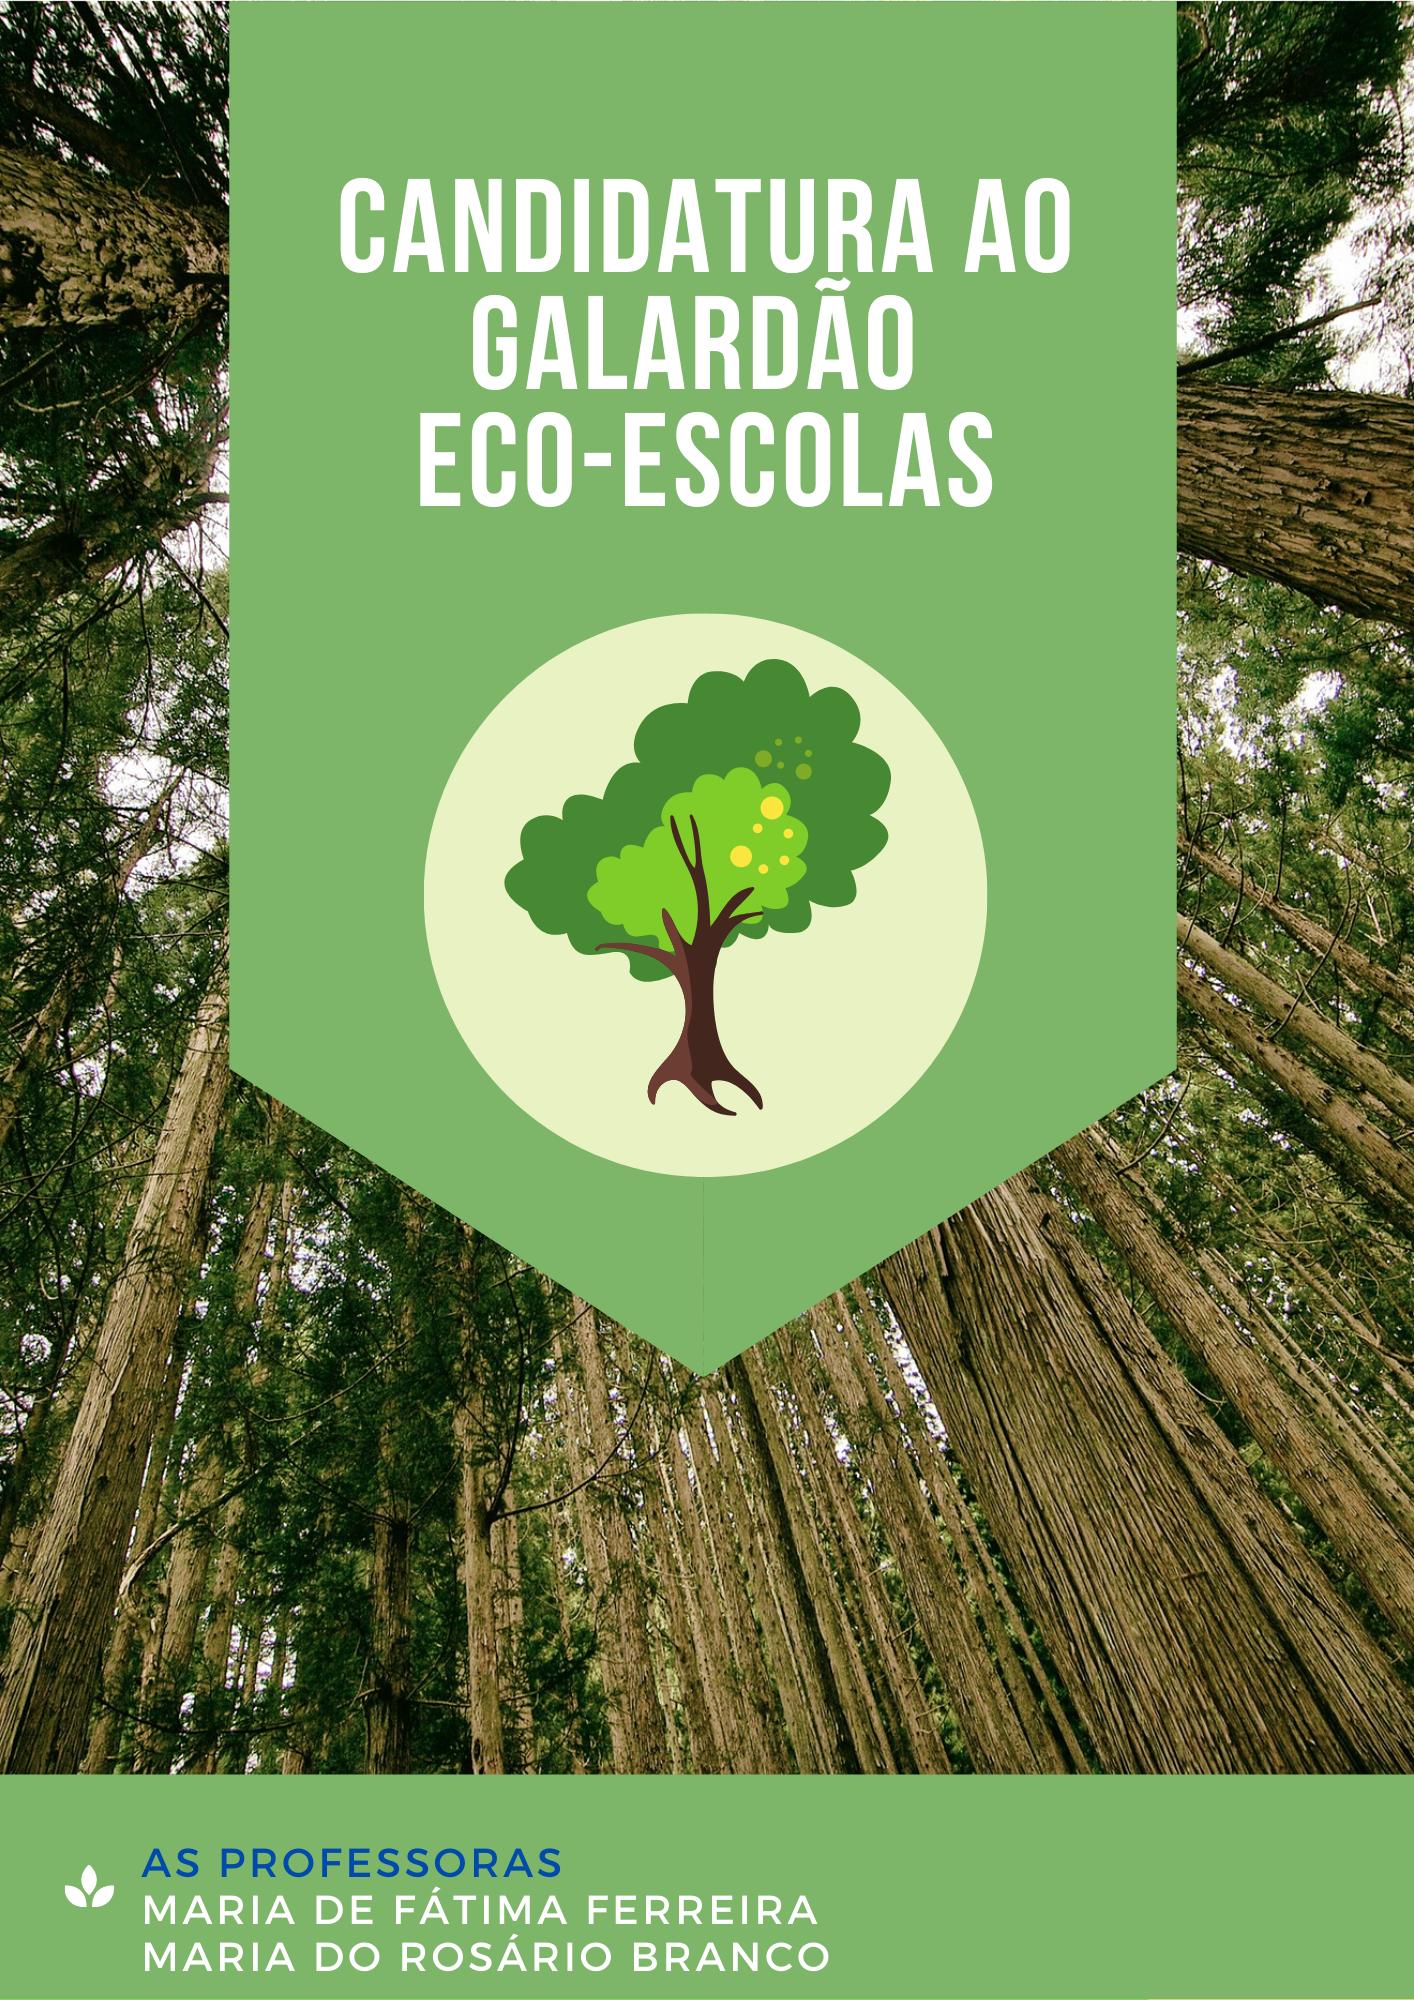 Candidatura ao Galardão Eco-Escolas